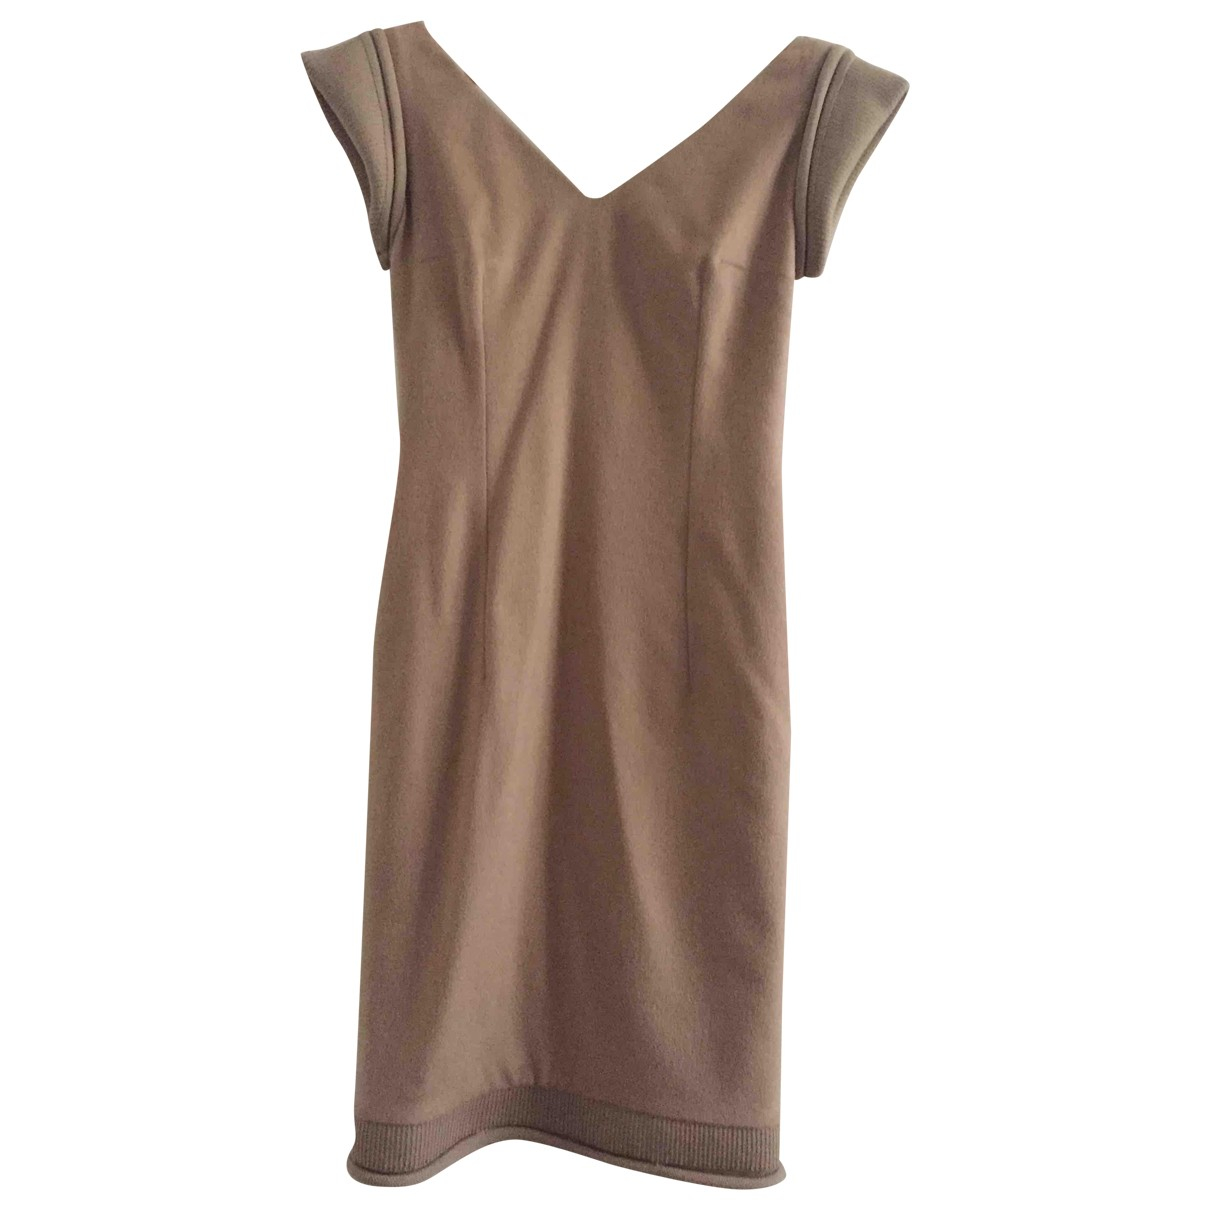 Dior \N Camel Wool dress for Women 36 FR